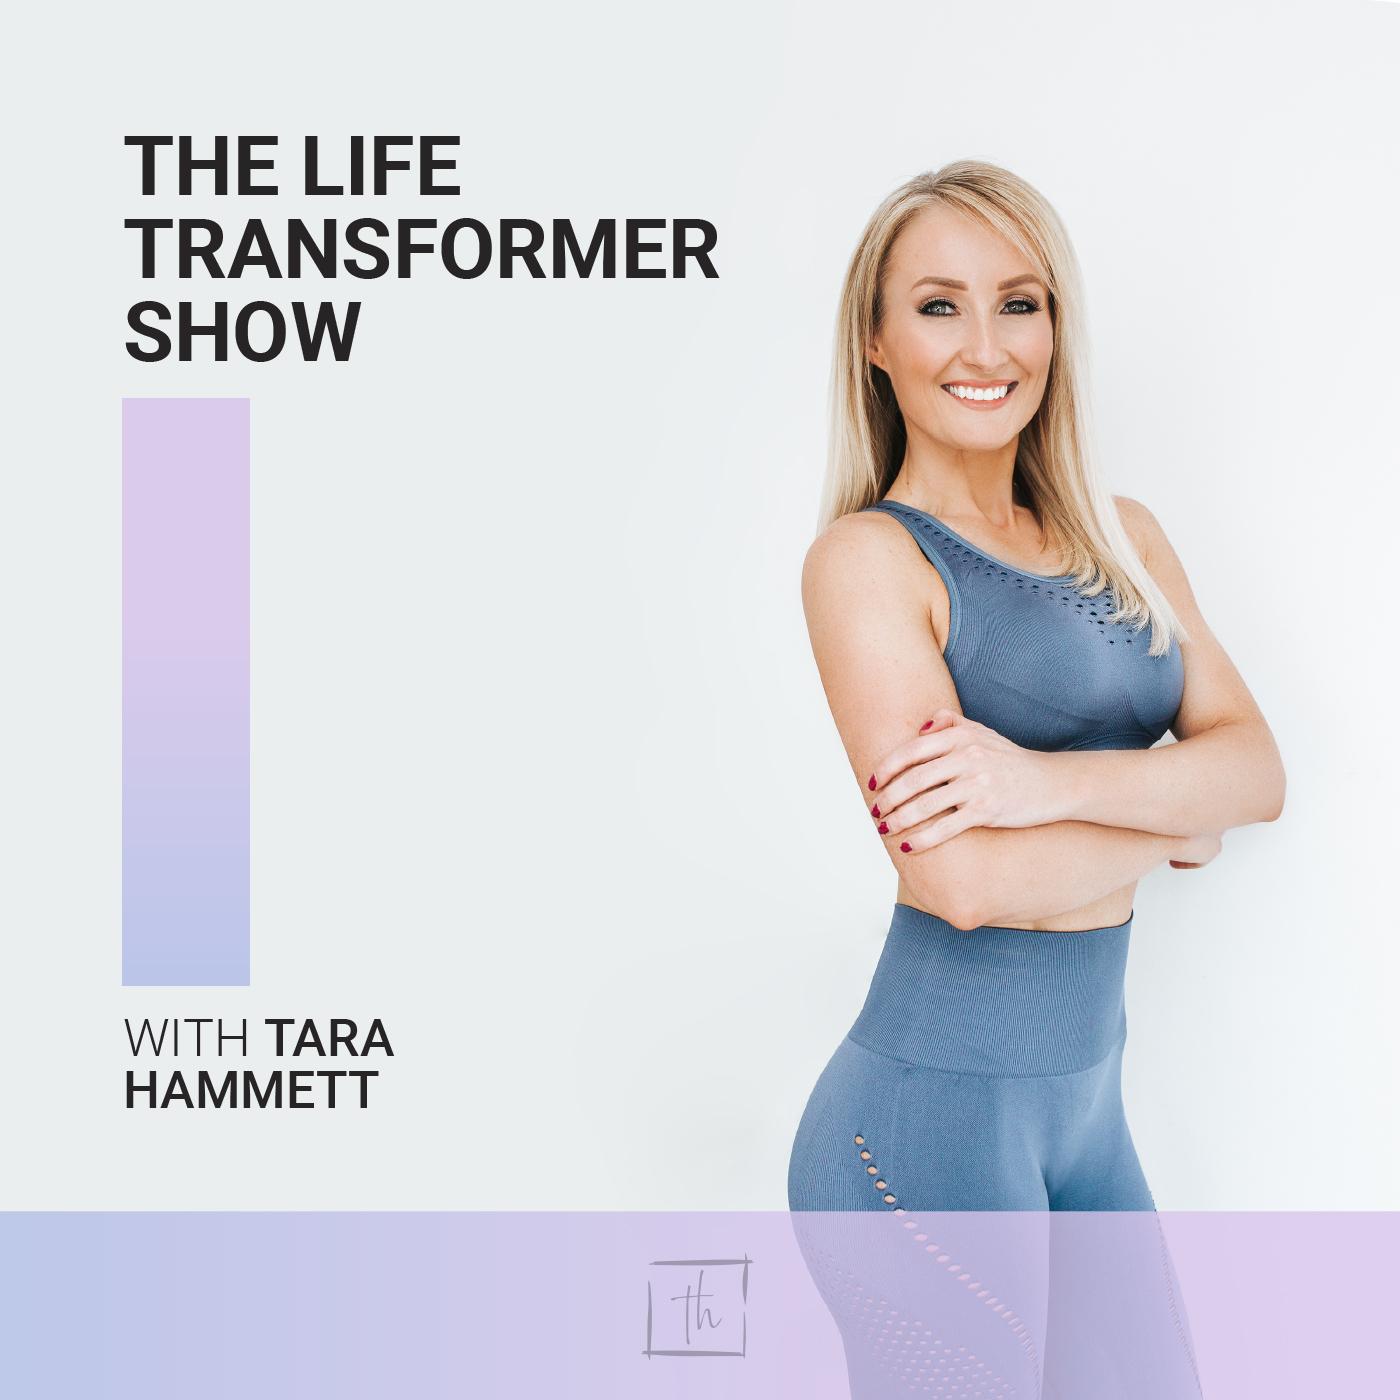 The Life Transformer Show show art